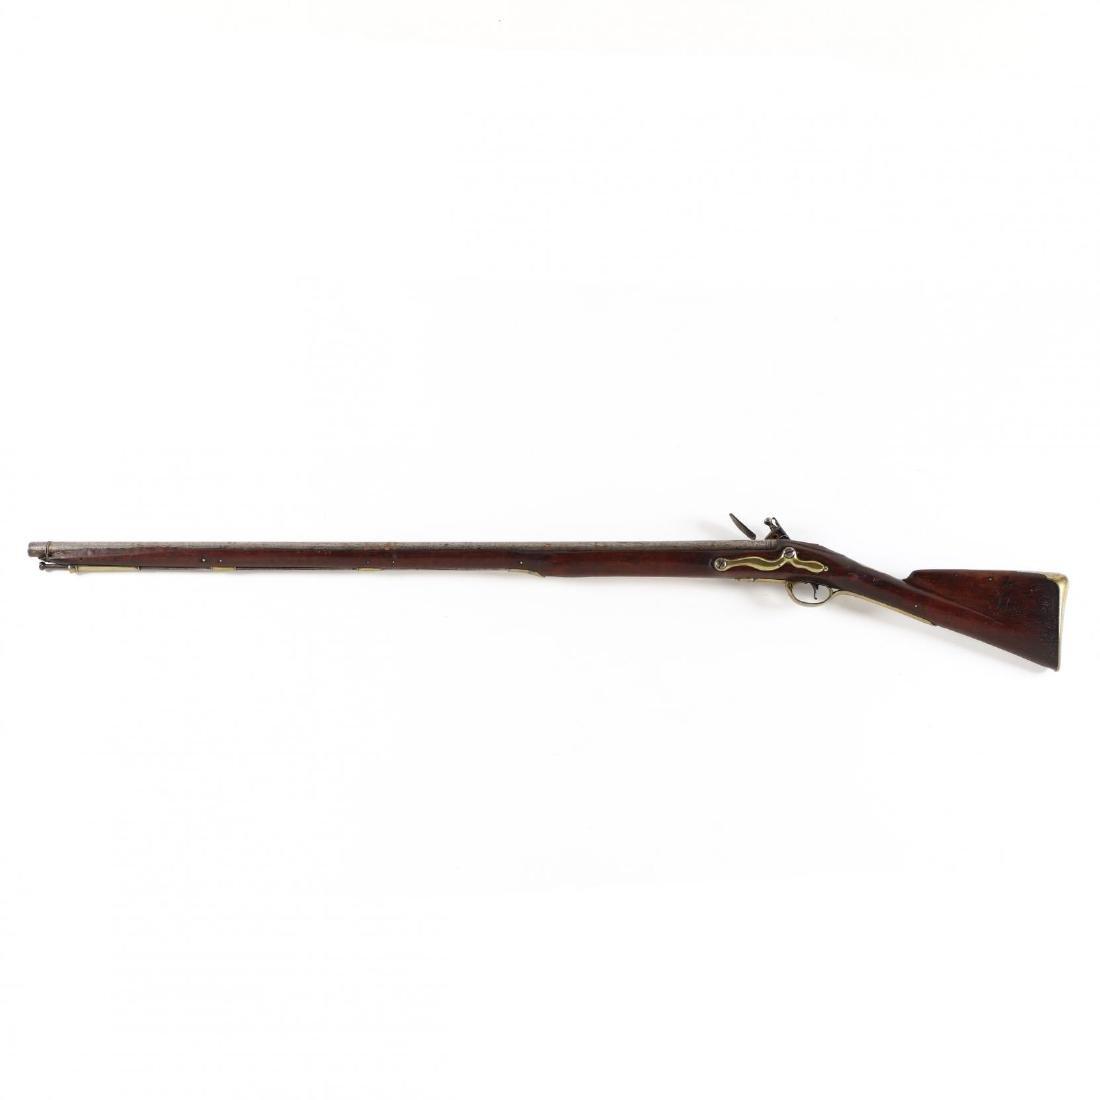 British Land Pattern Brown Bess Flintlock Musket - 8